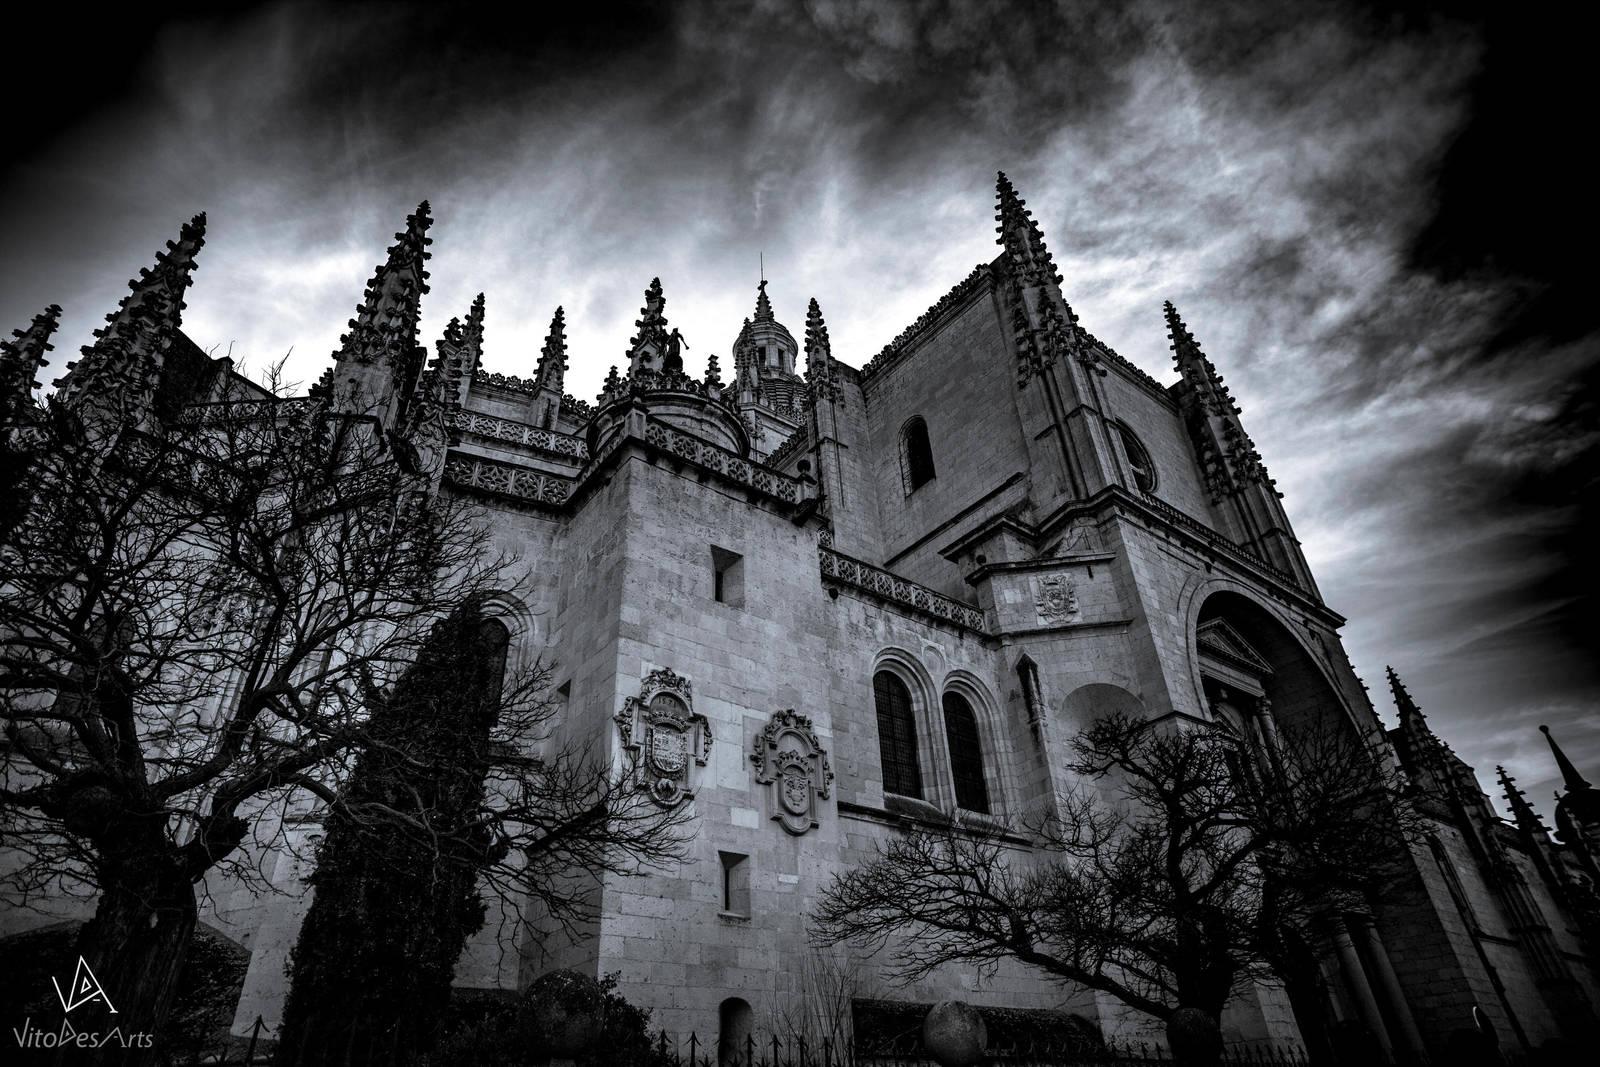 Segovia Cathedral #2 by VitoDesArts